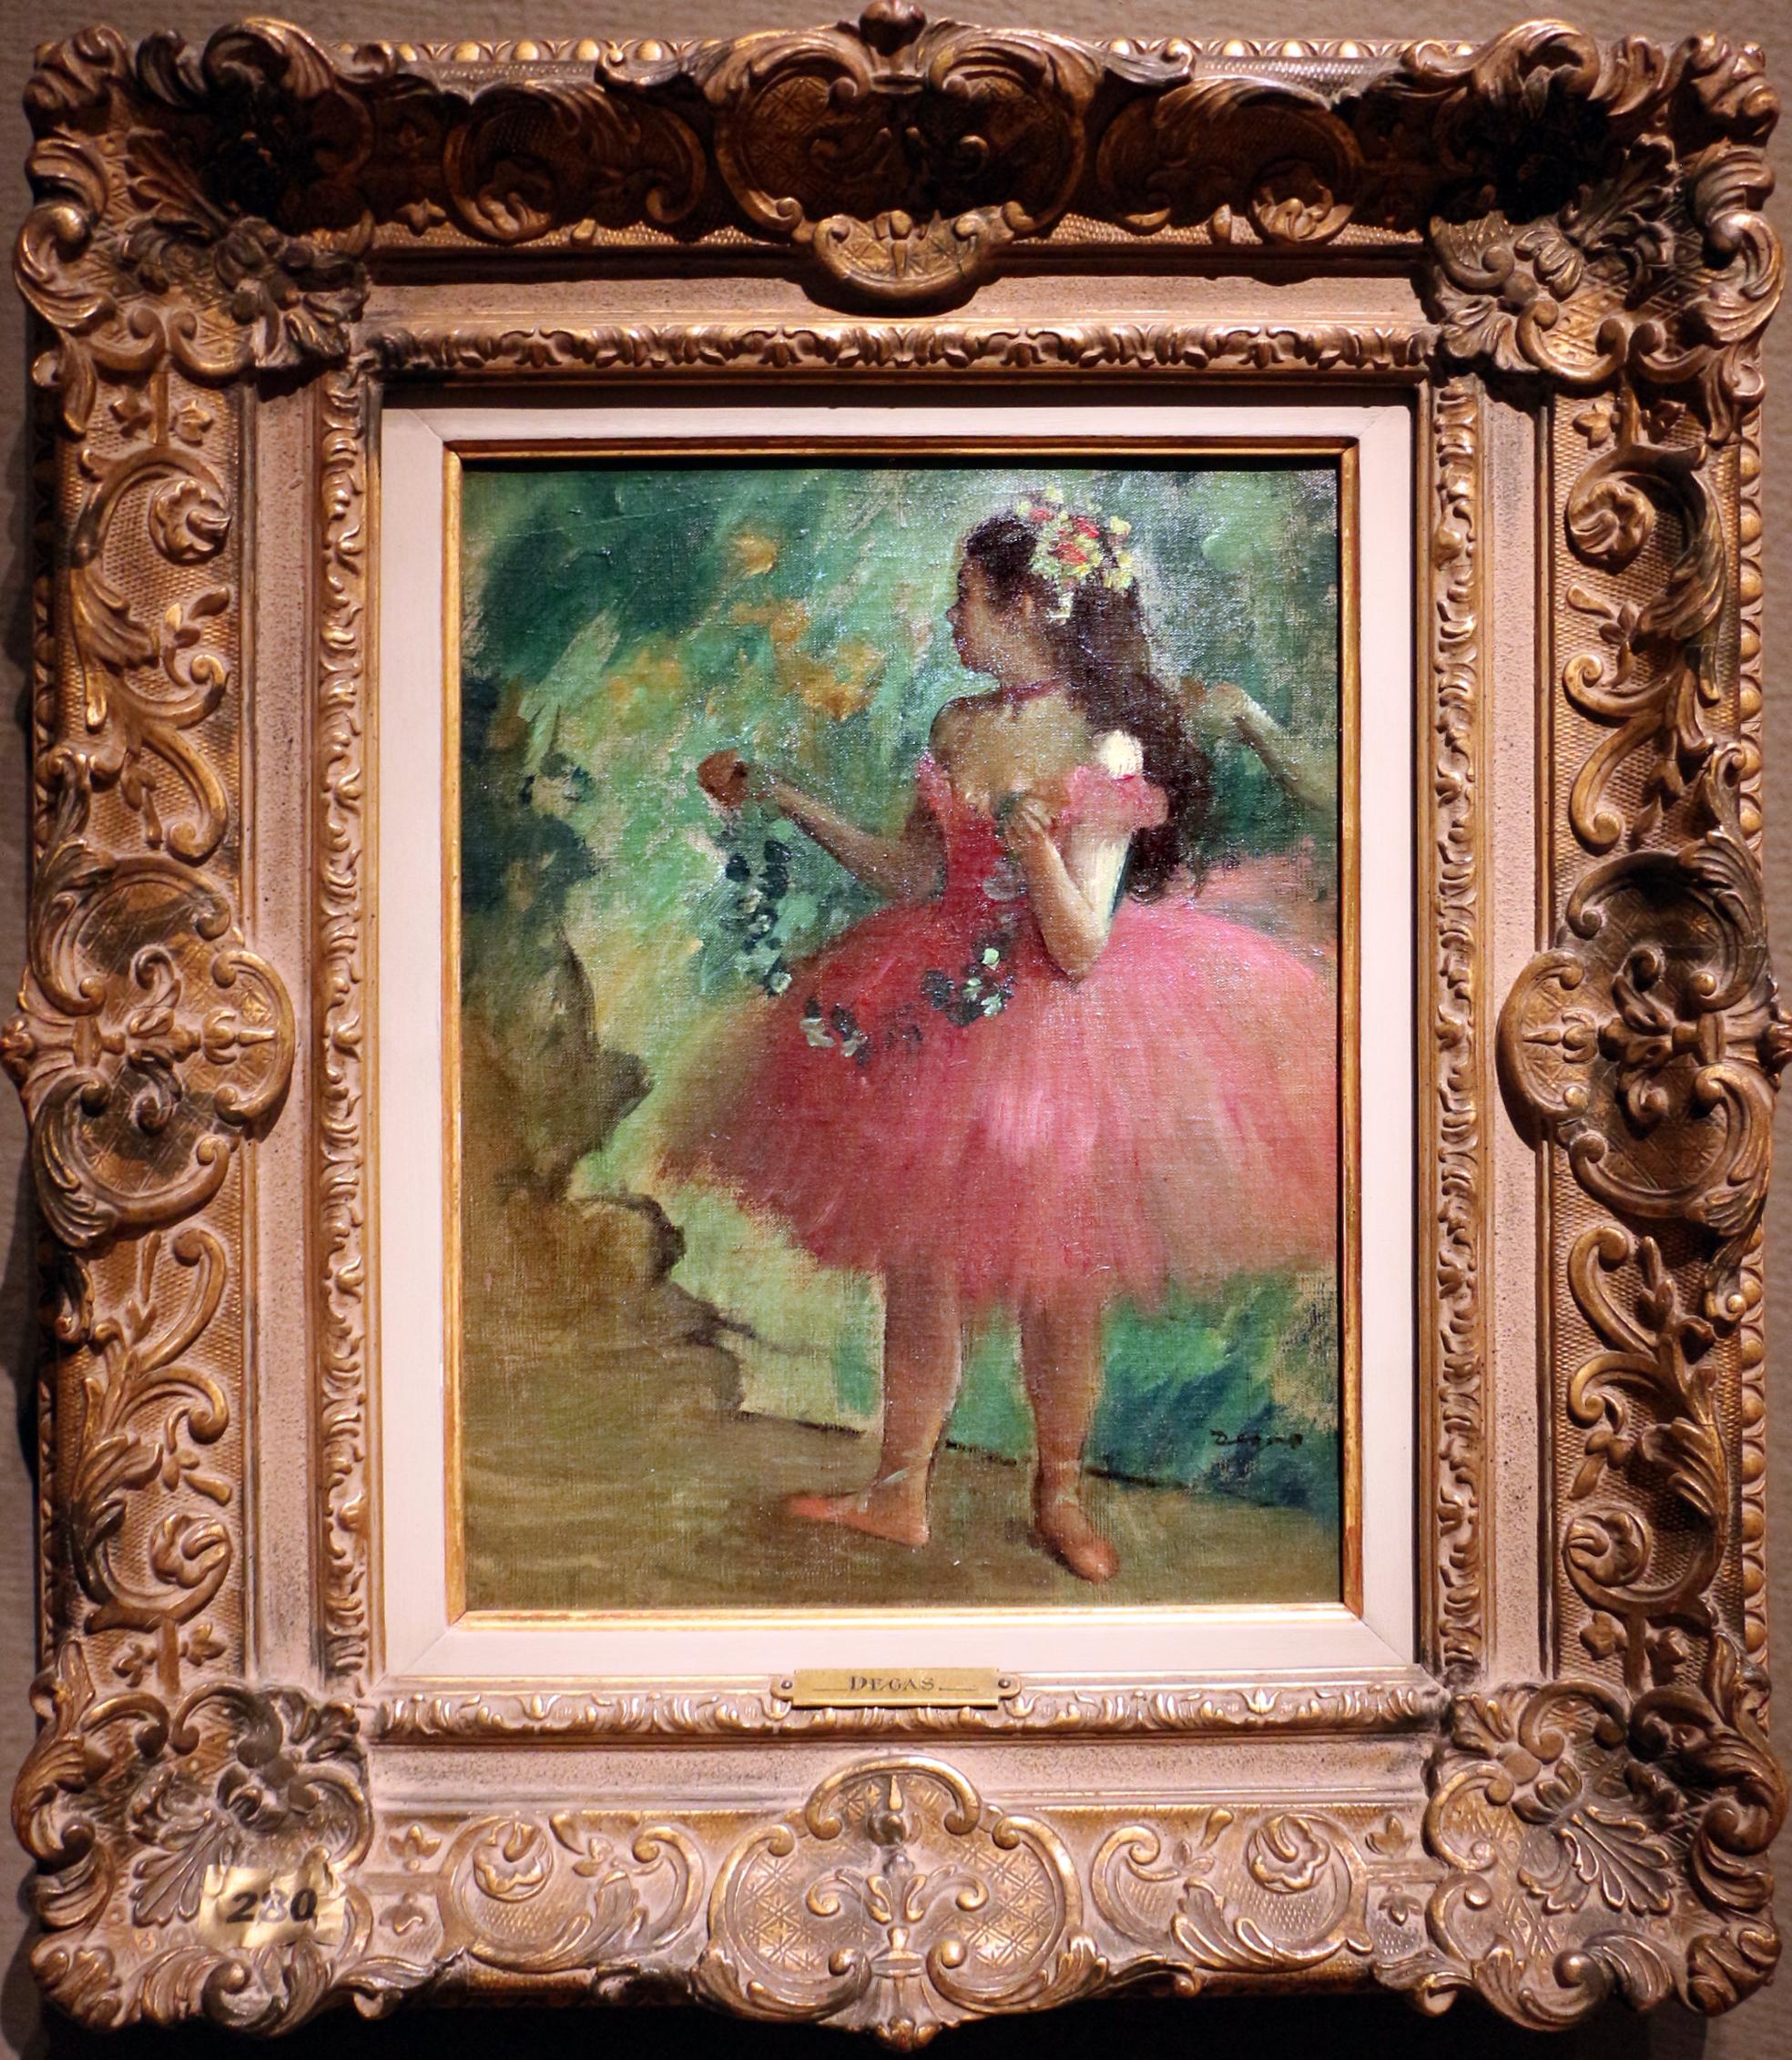 File:Edgar degas, ballerina rosa, 1878.jpg Wikimedia Commons